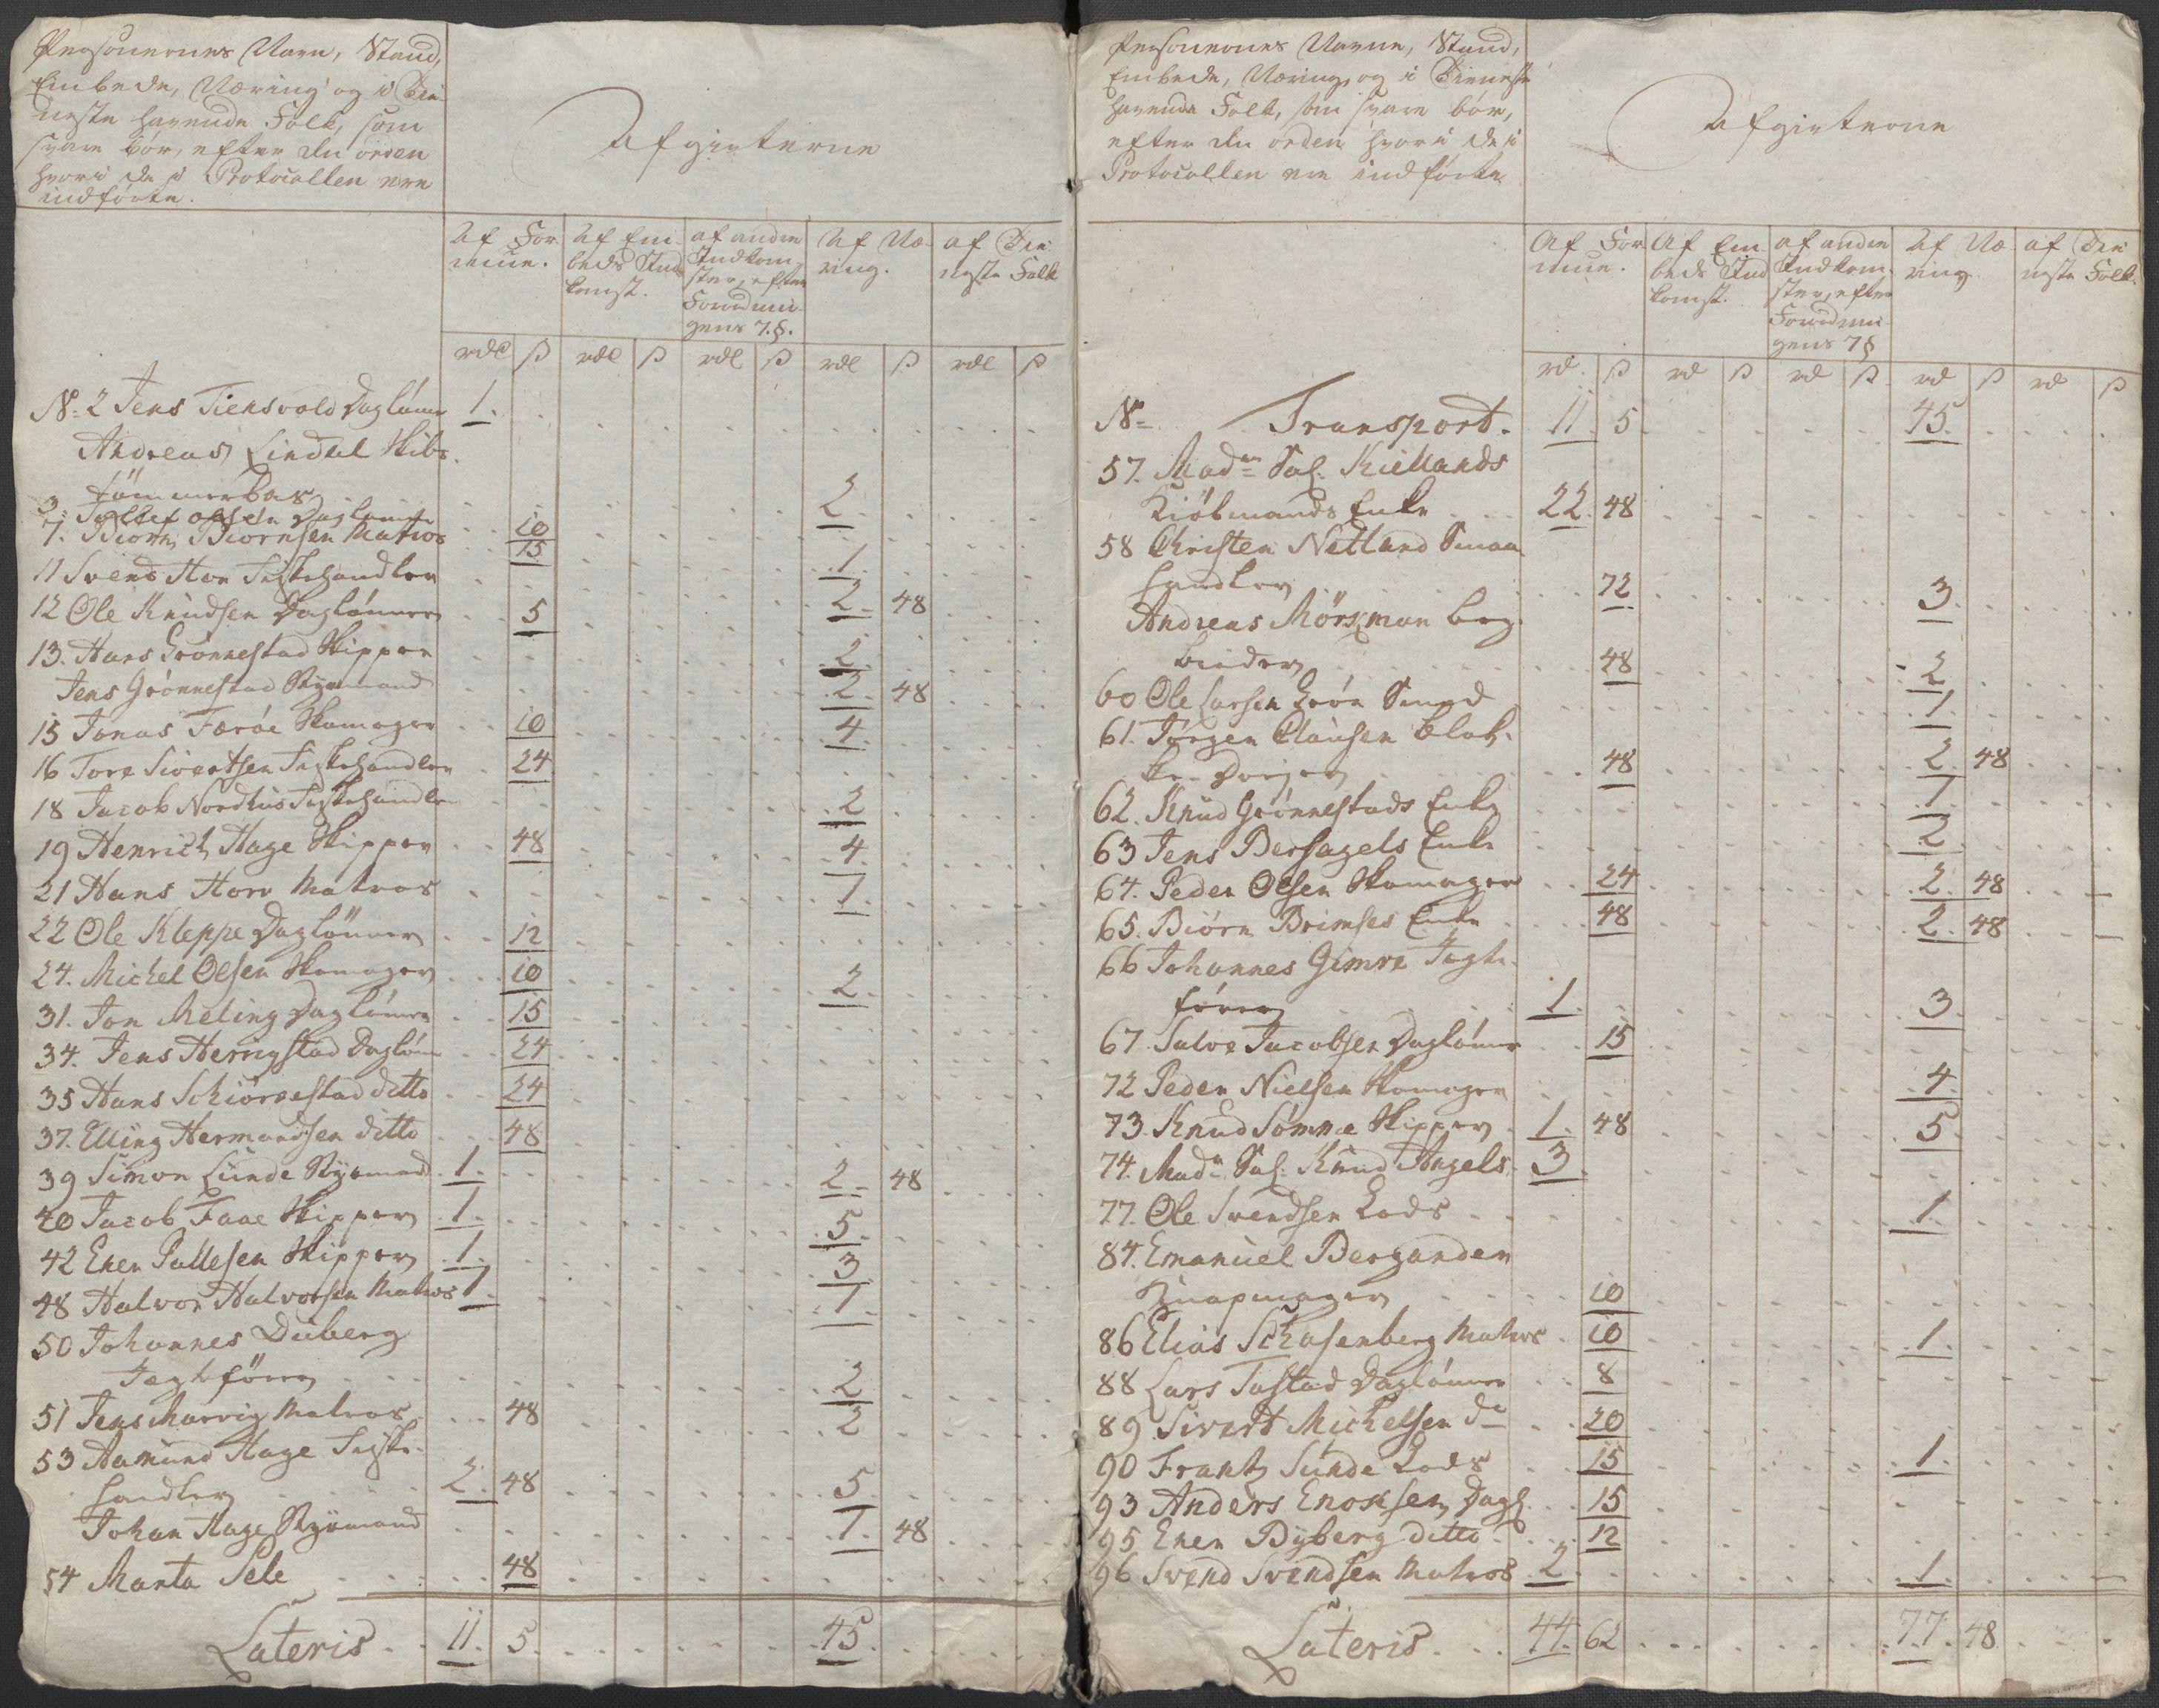 RA, Rentekammeret inntil 1814, Reviderte regnskaper, Mindre regnskaper, Rf/Rfe/L0045: Stavanger, Stjørdal og Verdal fogderi, 1789, s. 26